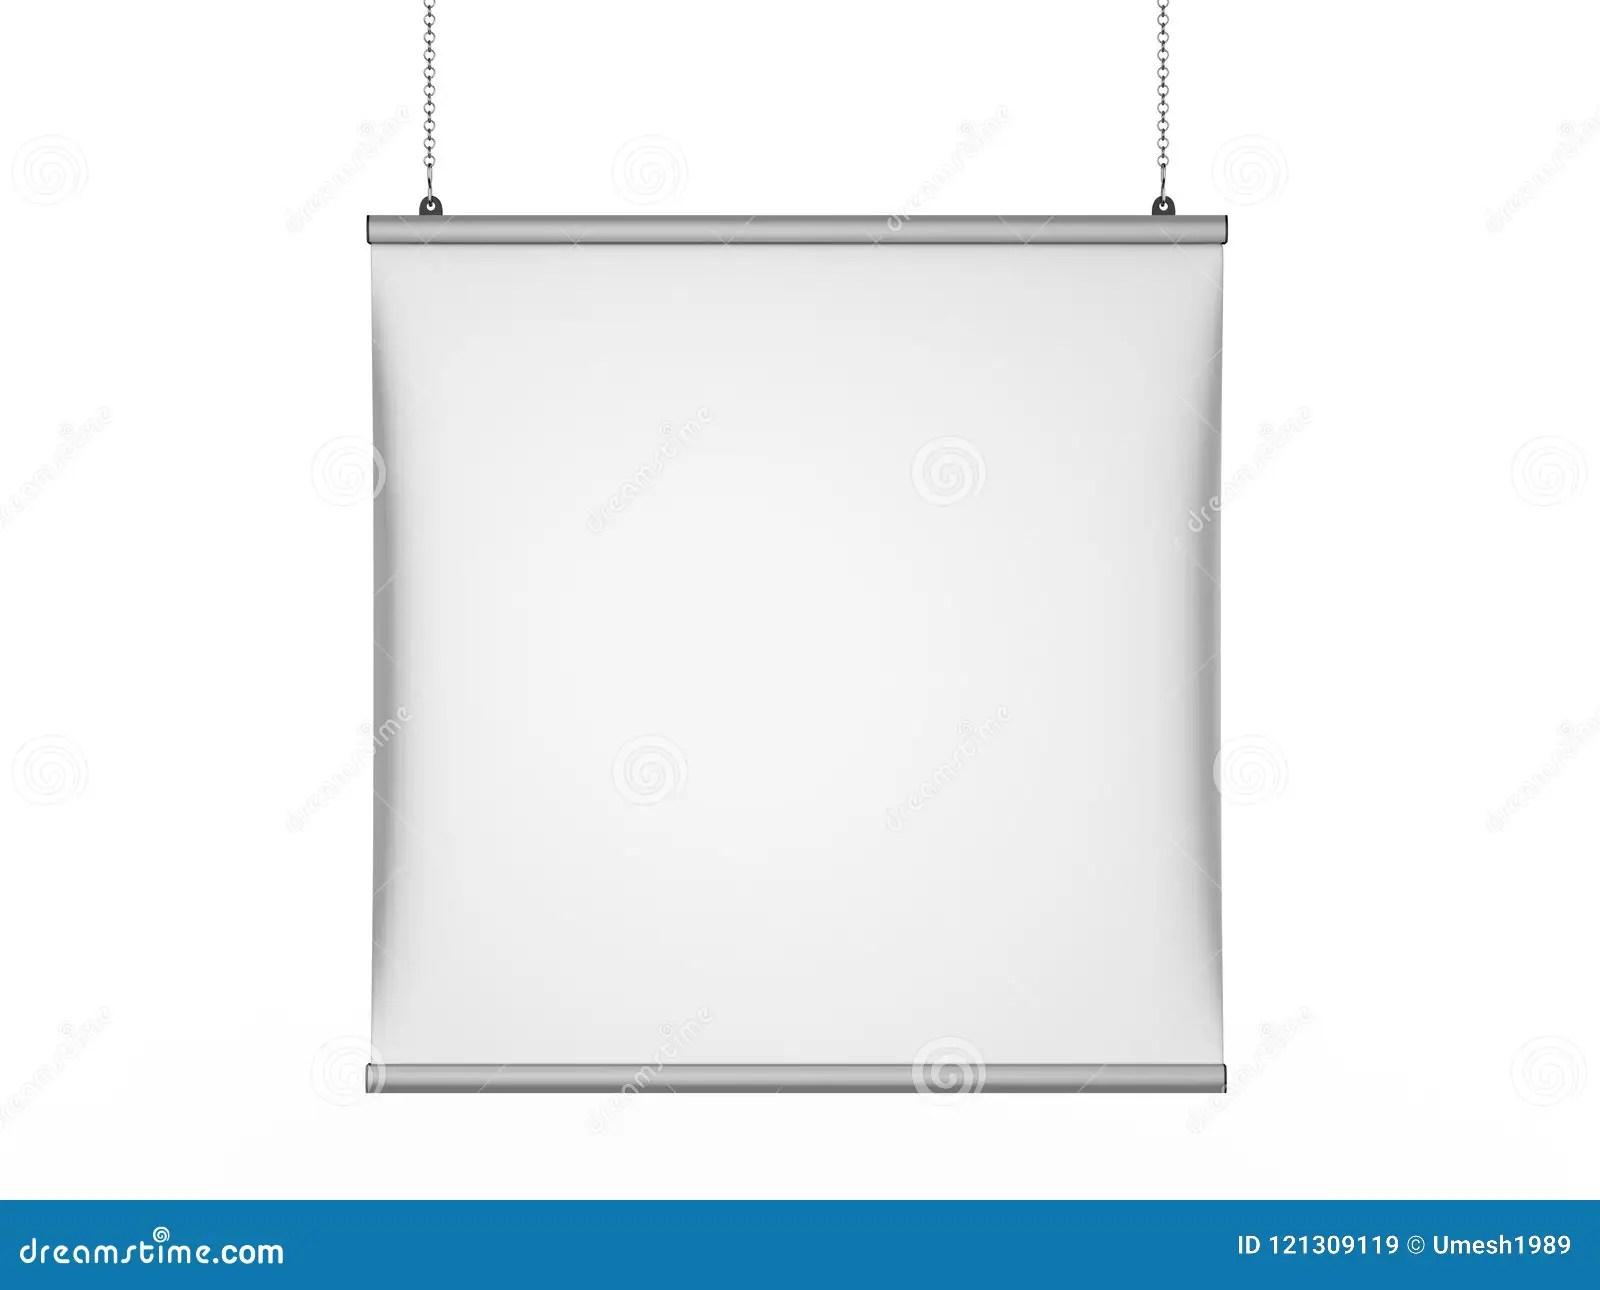 https www dreamstime com aluminum snap grip ceiling banner poster hanger hanging rails d render illustration image121309119